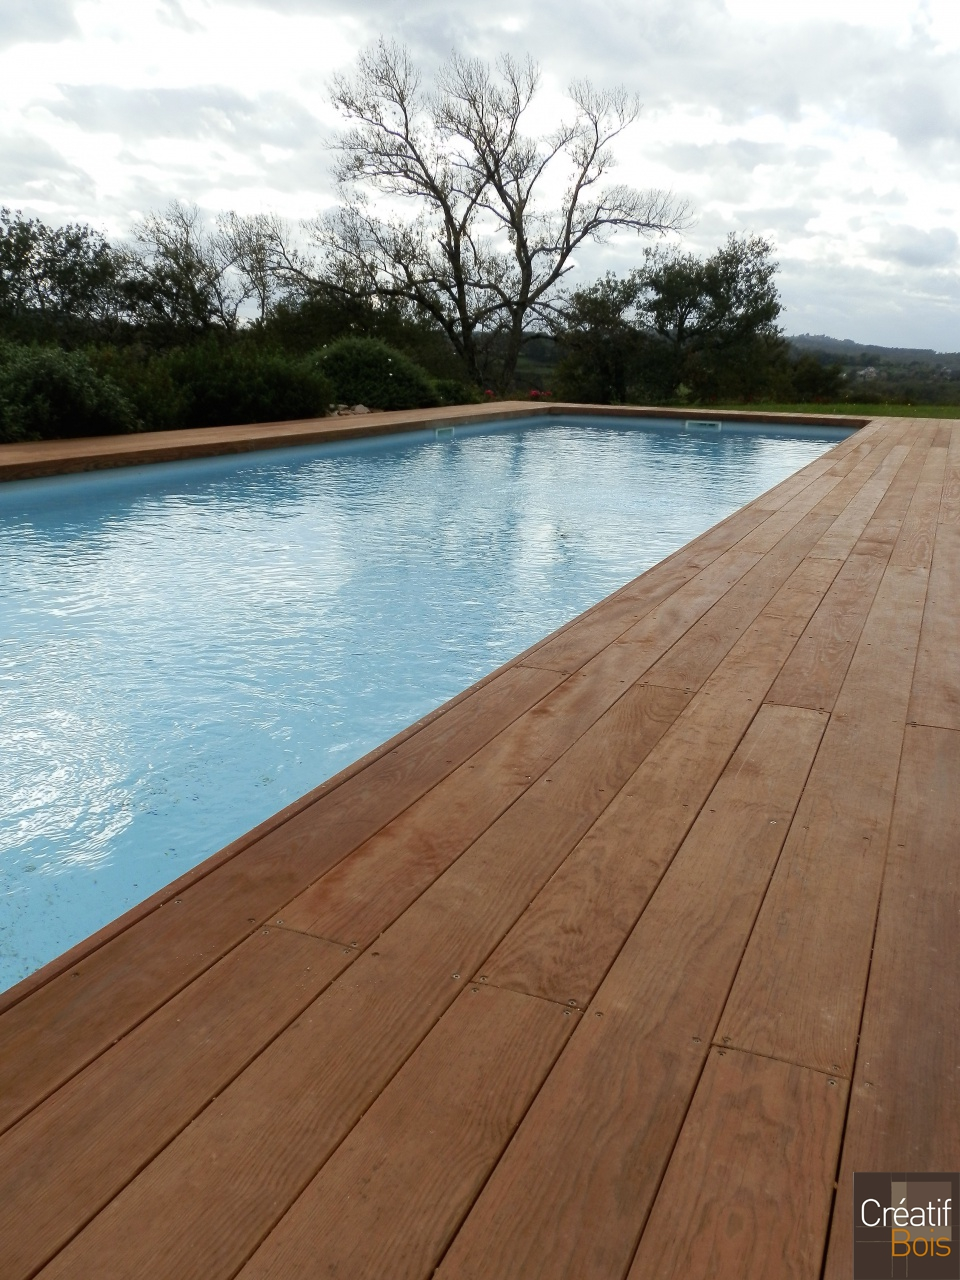 plage de piscine brive corr ze 19 plages de piscine galerie cr atif bois r alisation de. Black Bedroom Furniture Sets. Home Design Ideas